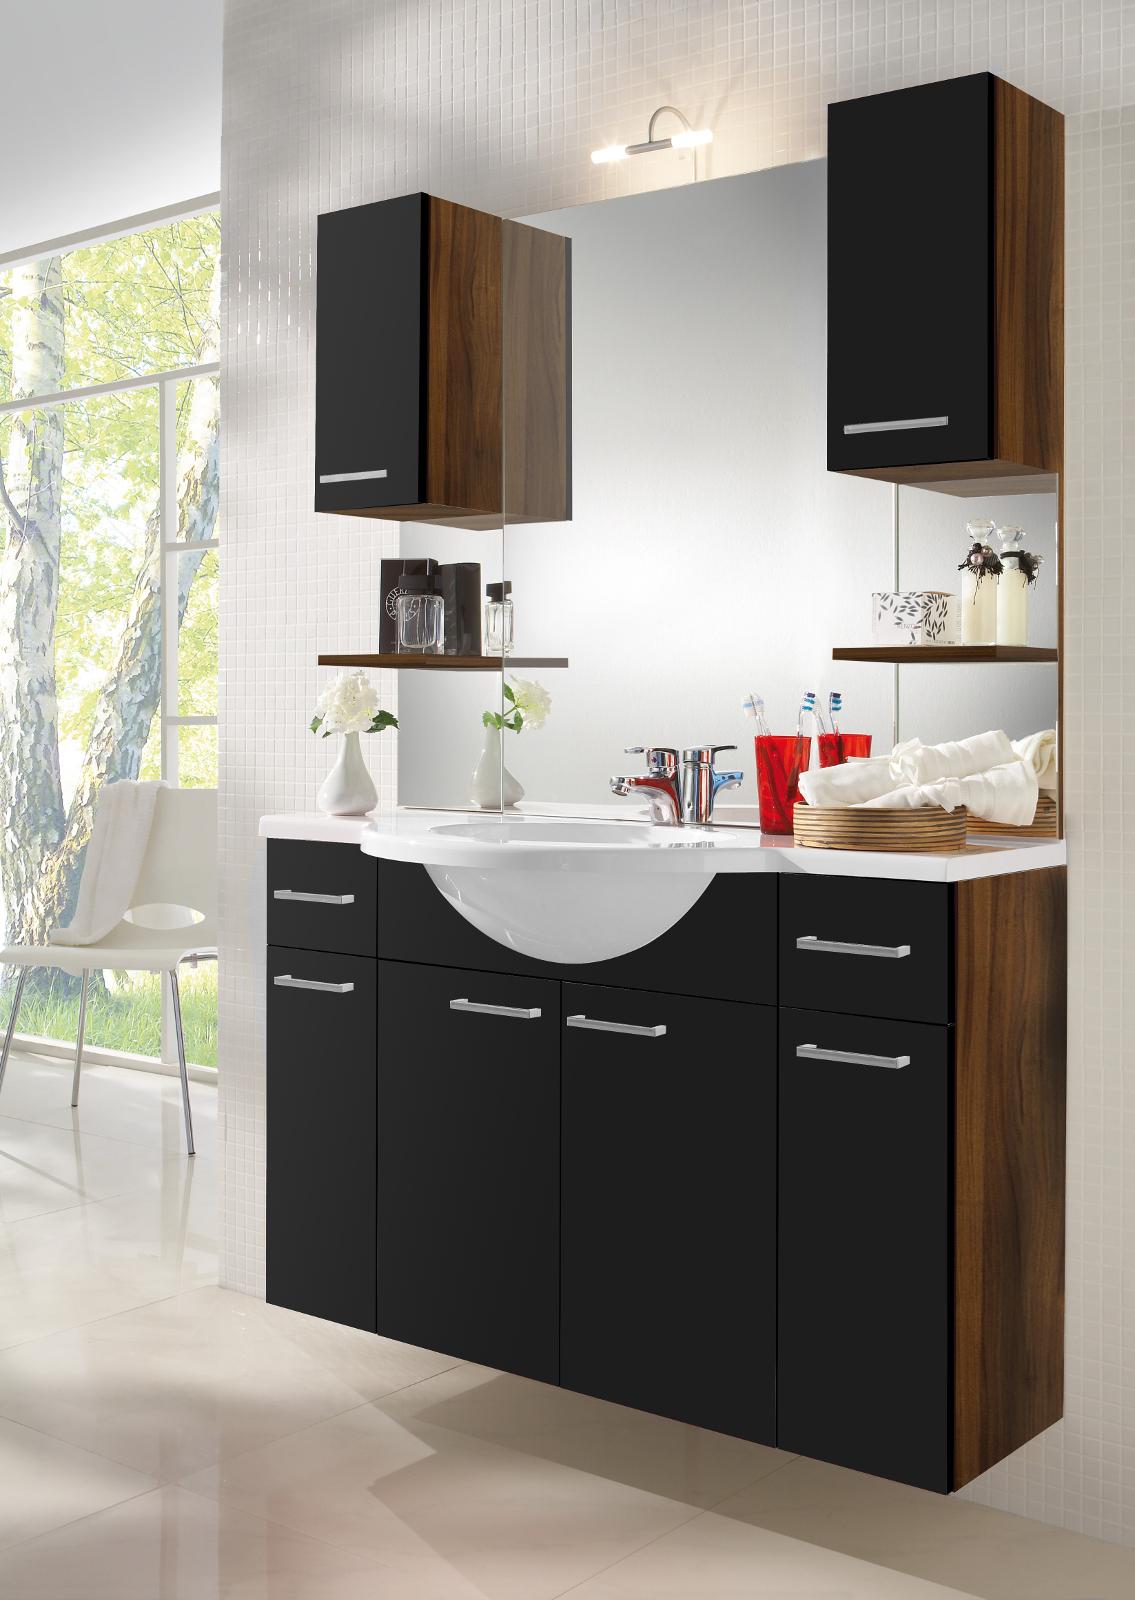 waschplatz inkl mineralgussbecken walnuss schwarz. Black Bedroom Furniture Sets. Home Design Ideas